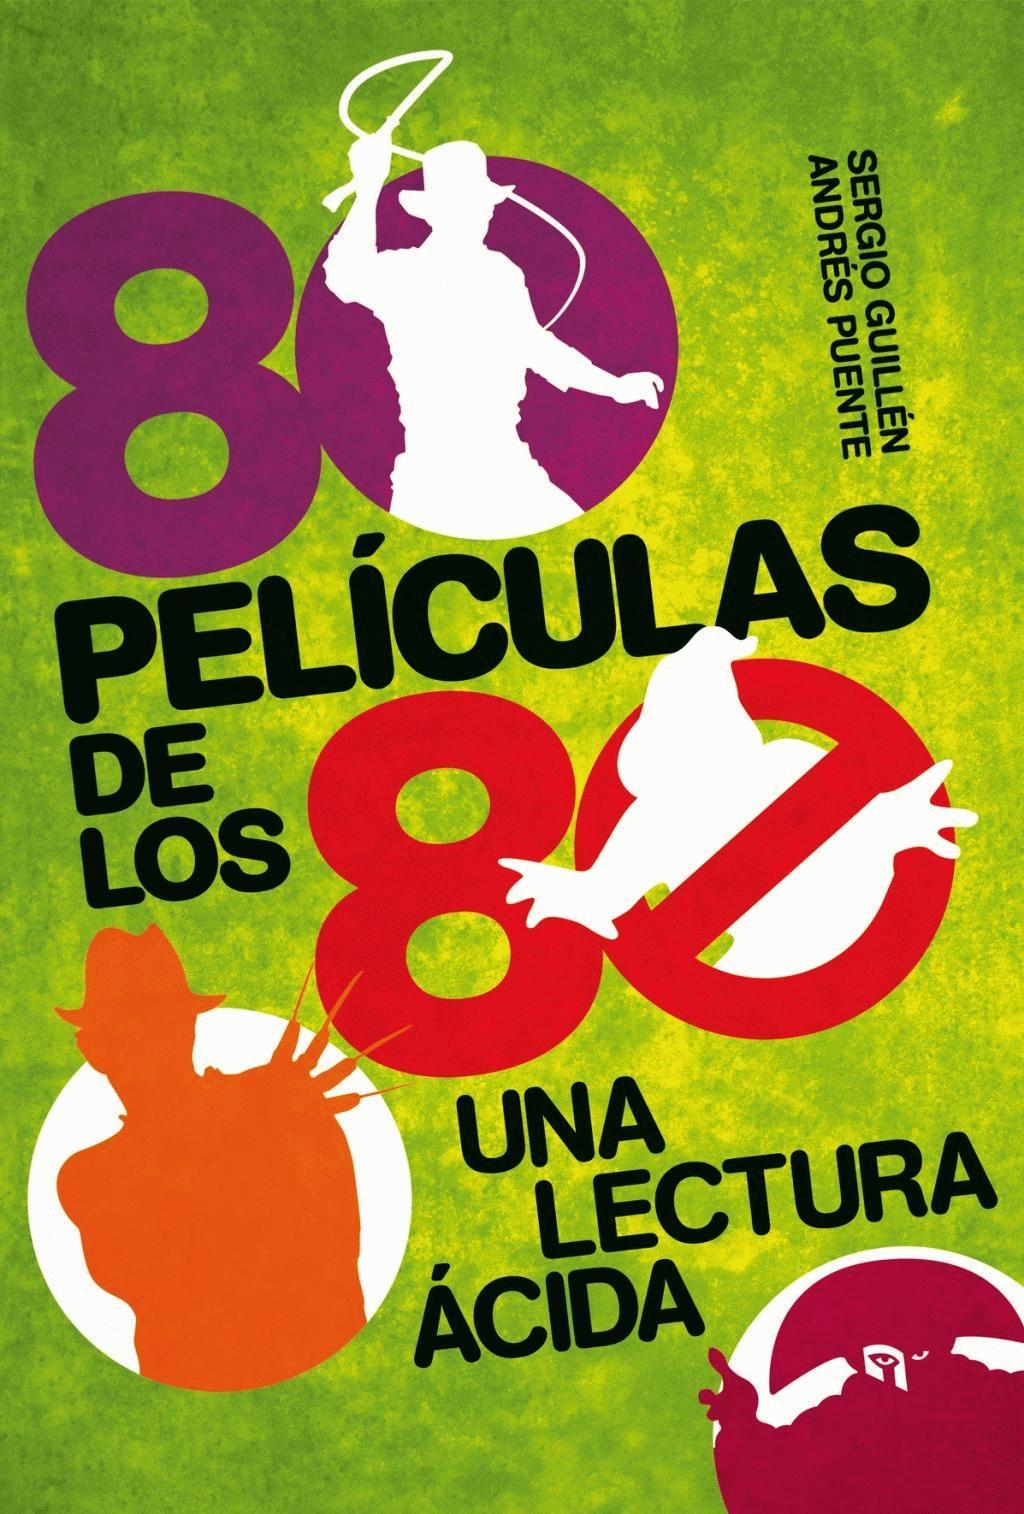 80 PELICULAS DE LOS 80